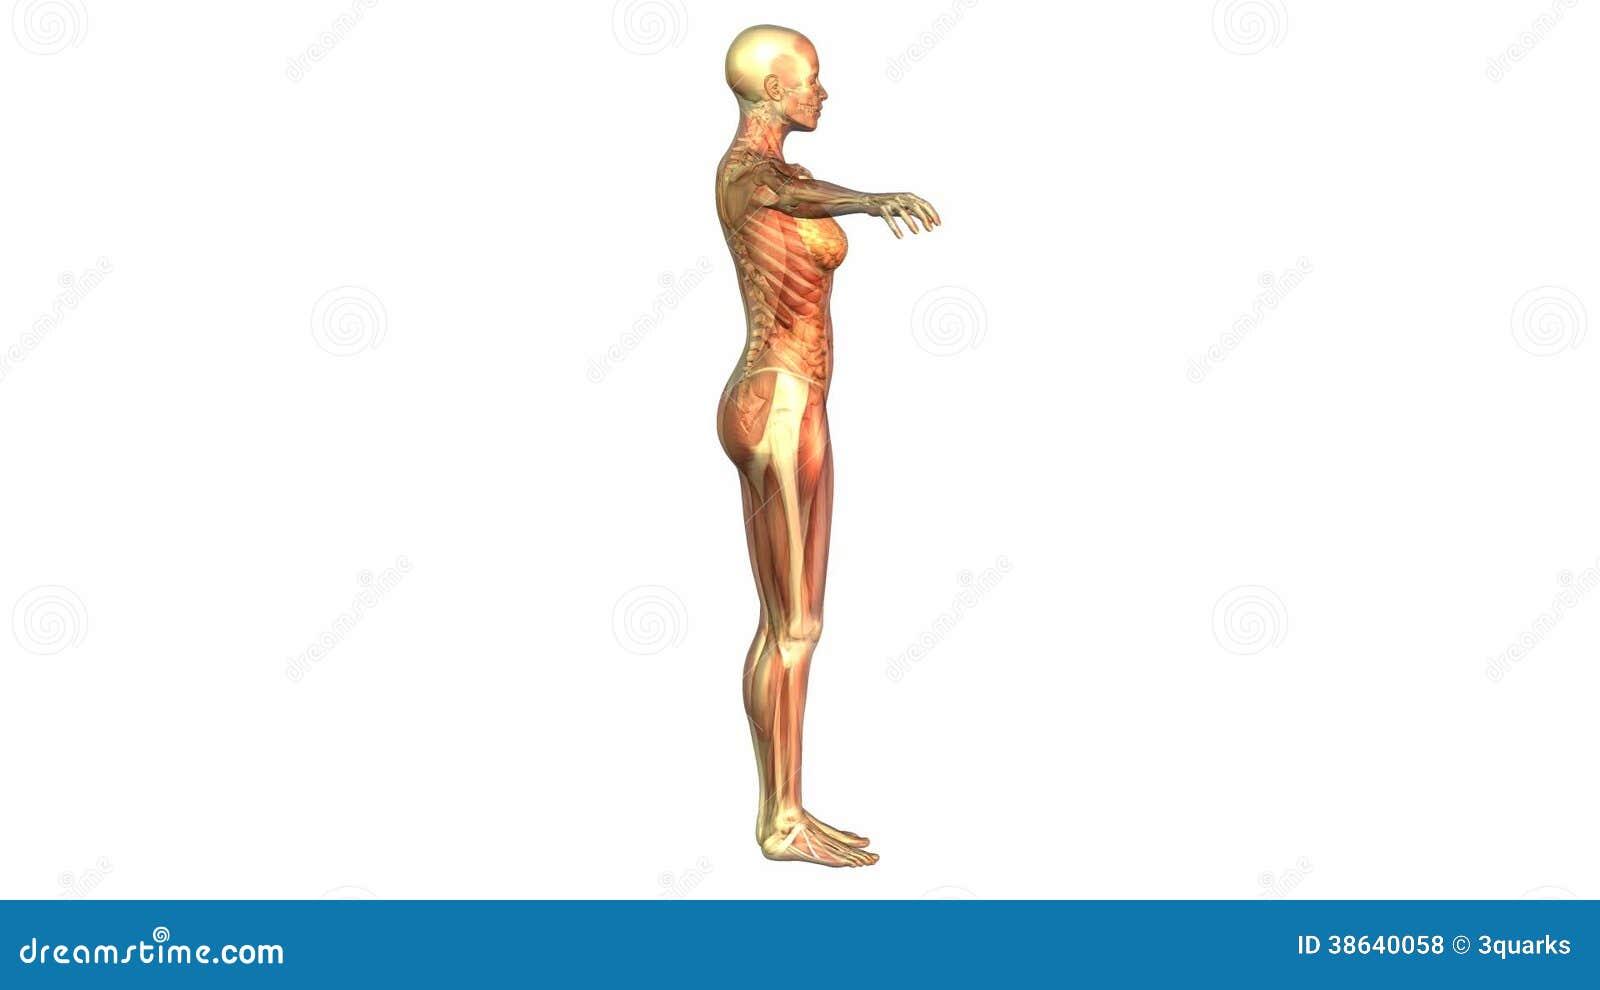 Charmant Menschliche Anatomie Animation Ideen - Anatomie Ideen ...